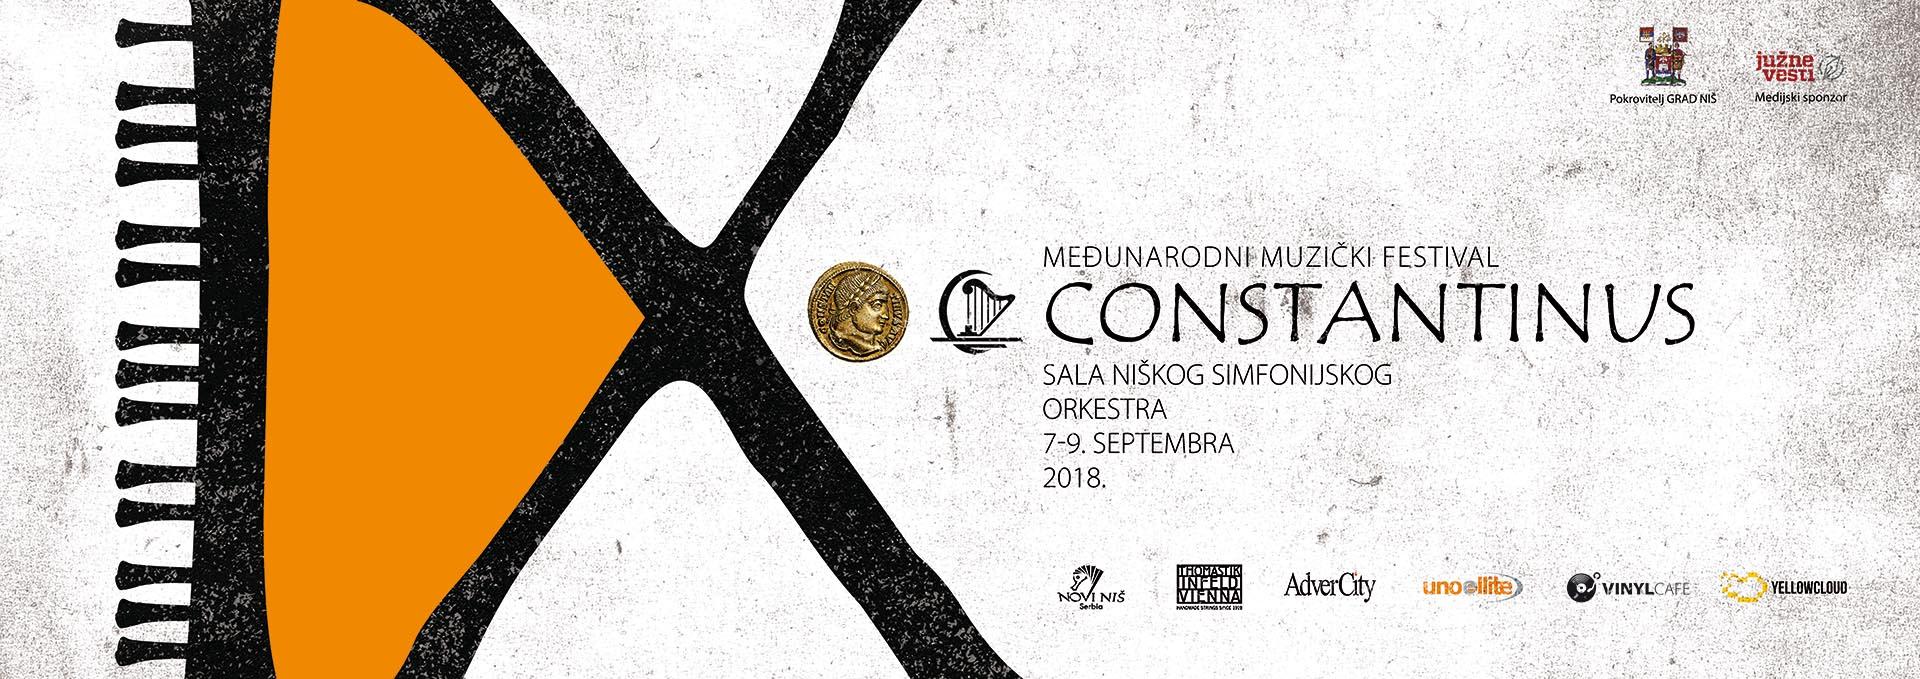 Festival Constantinus